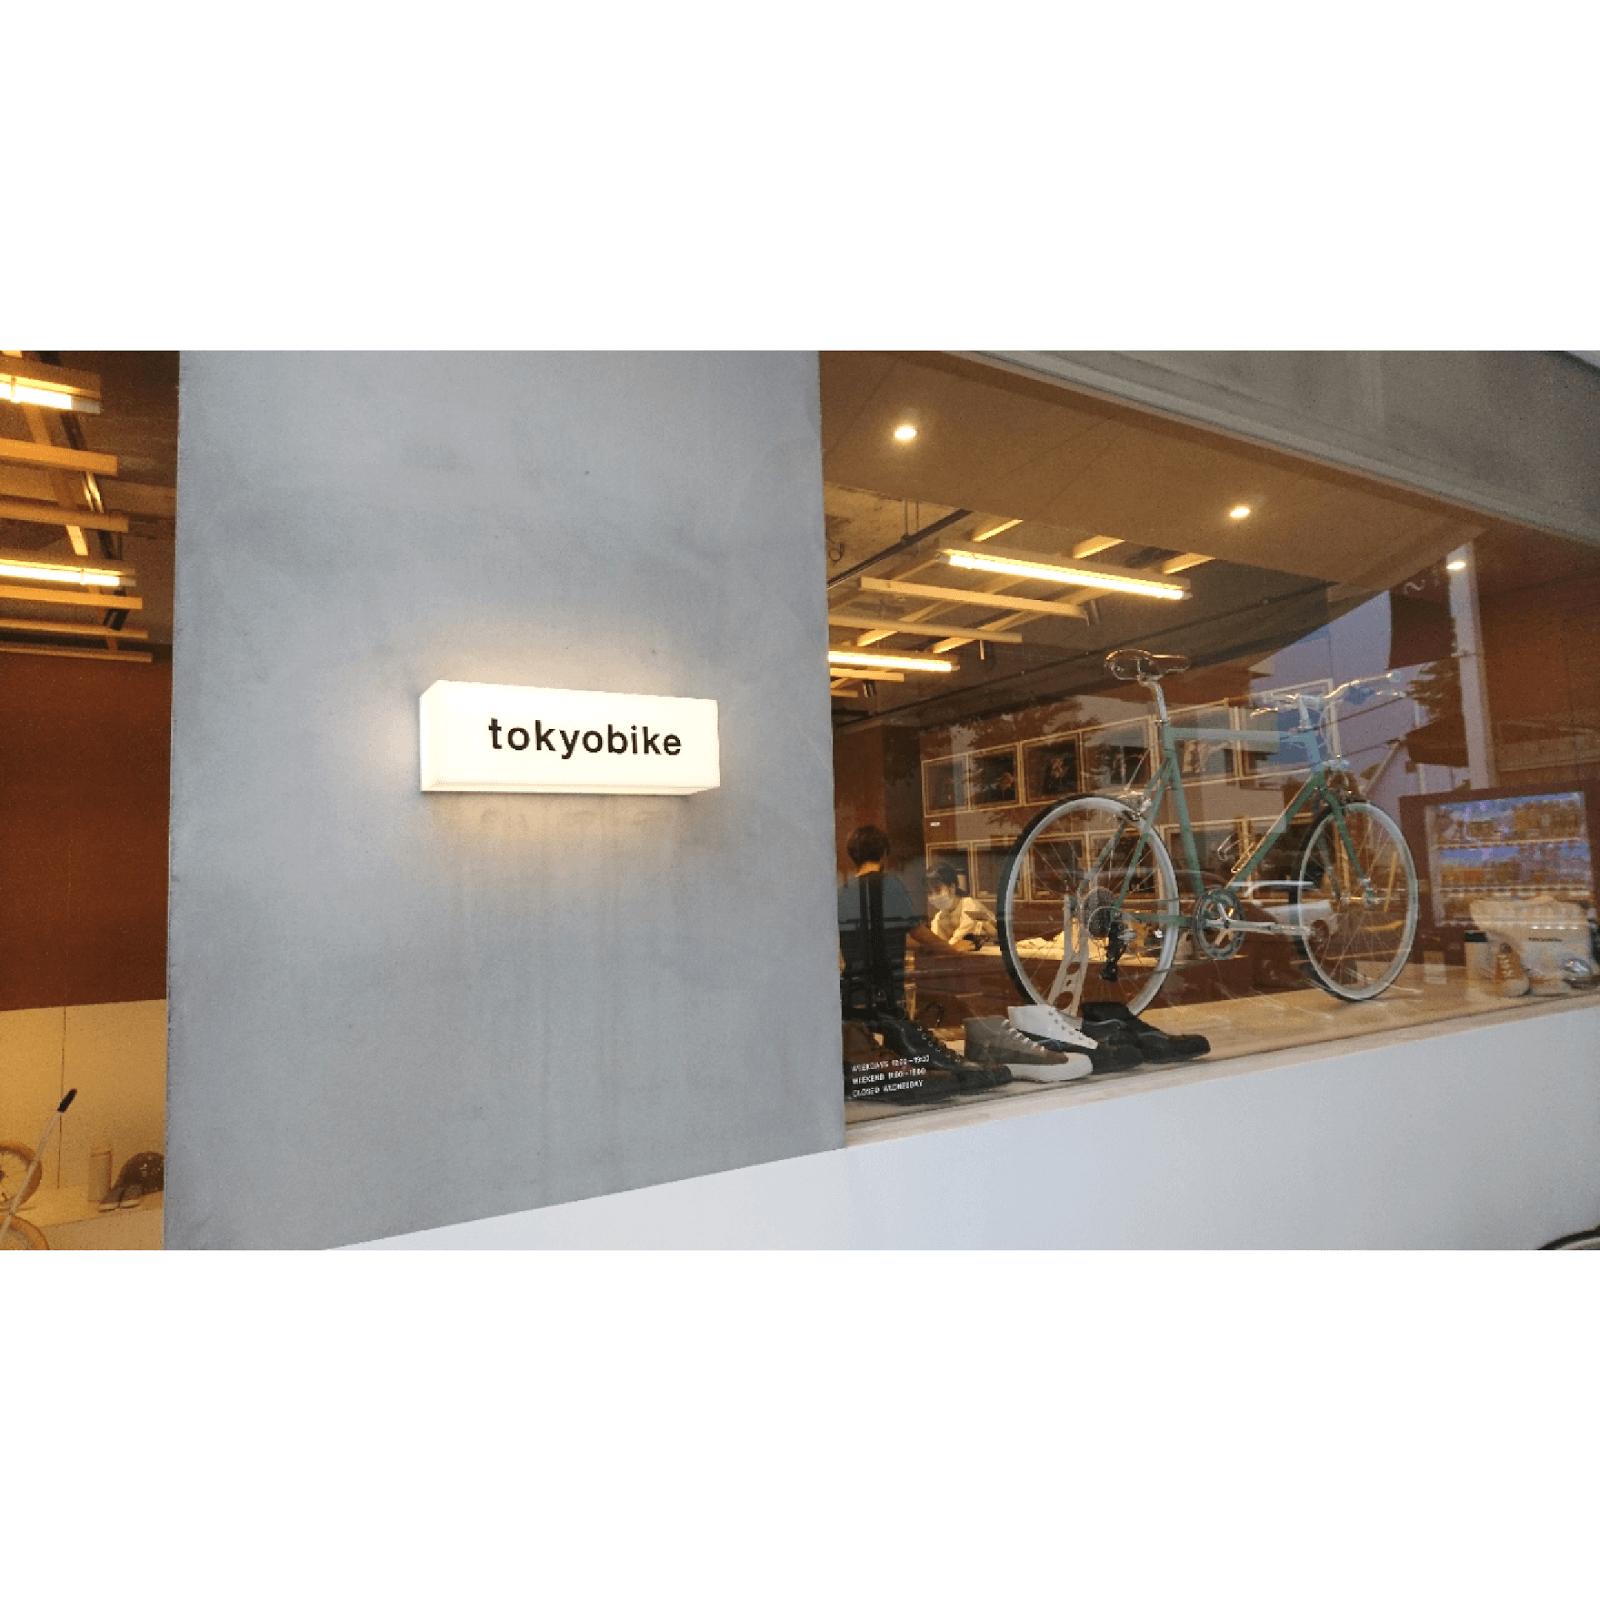 吉祥寺の東京バイク店頭